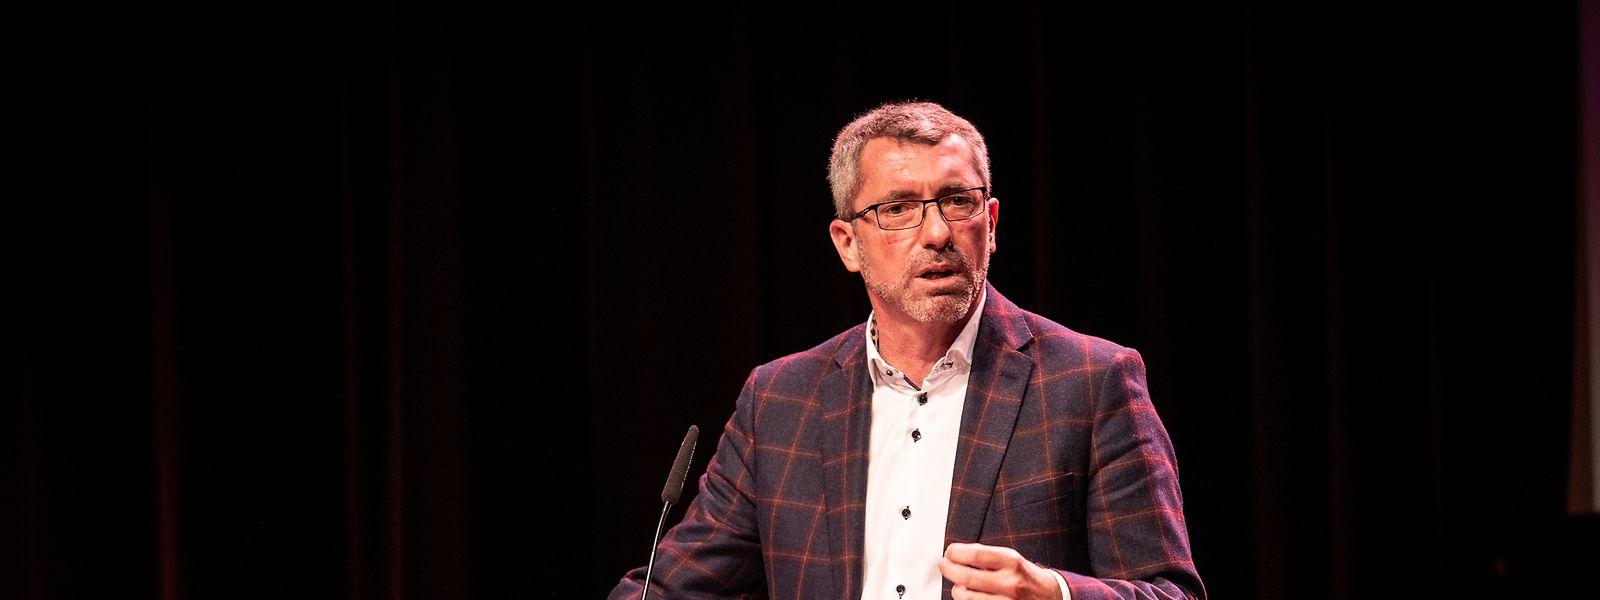 Frank Engel auf dem digitalen Parteikongress im Oktober 2020.